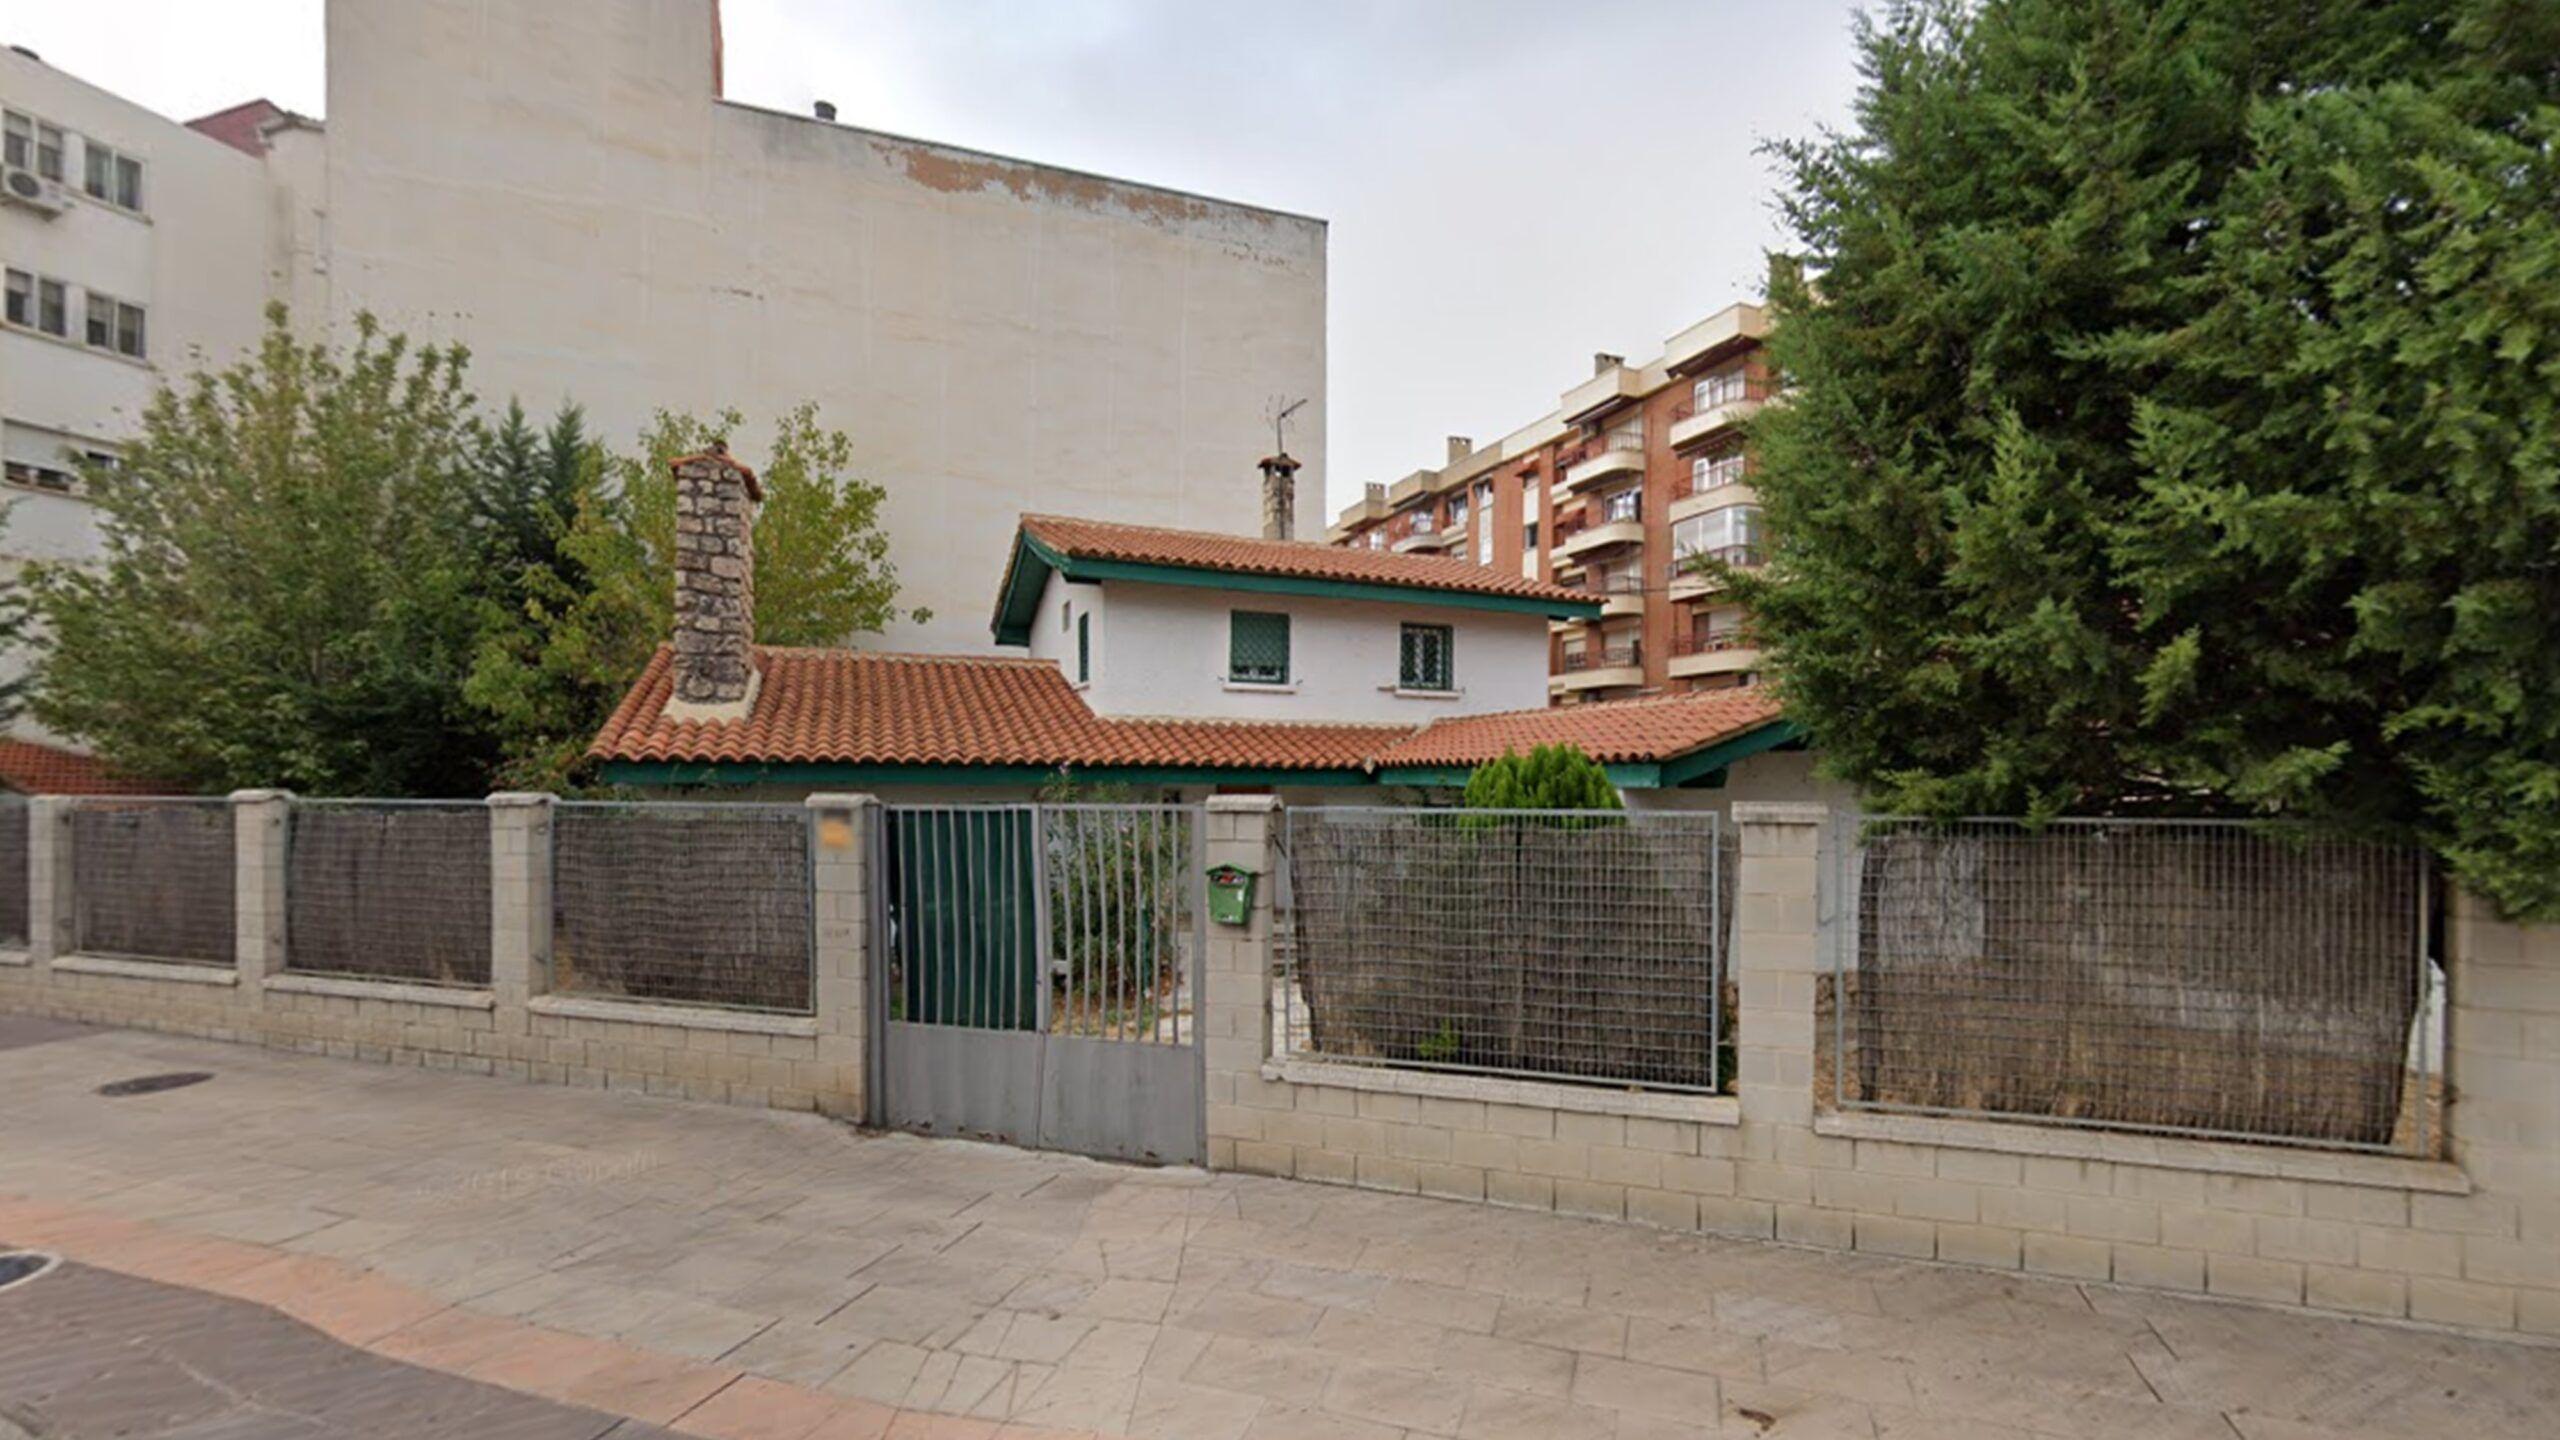 El Grupo Popular se hace eco de las graves acusaciones contra el equipo de gobierno por el impago de más de 100.000 euros al centro para personas sin hogar